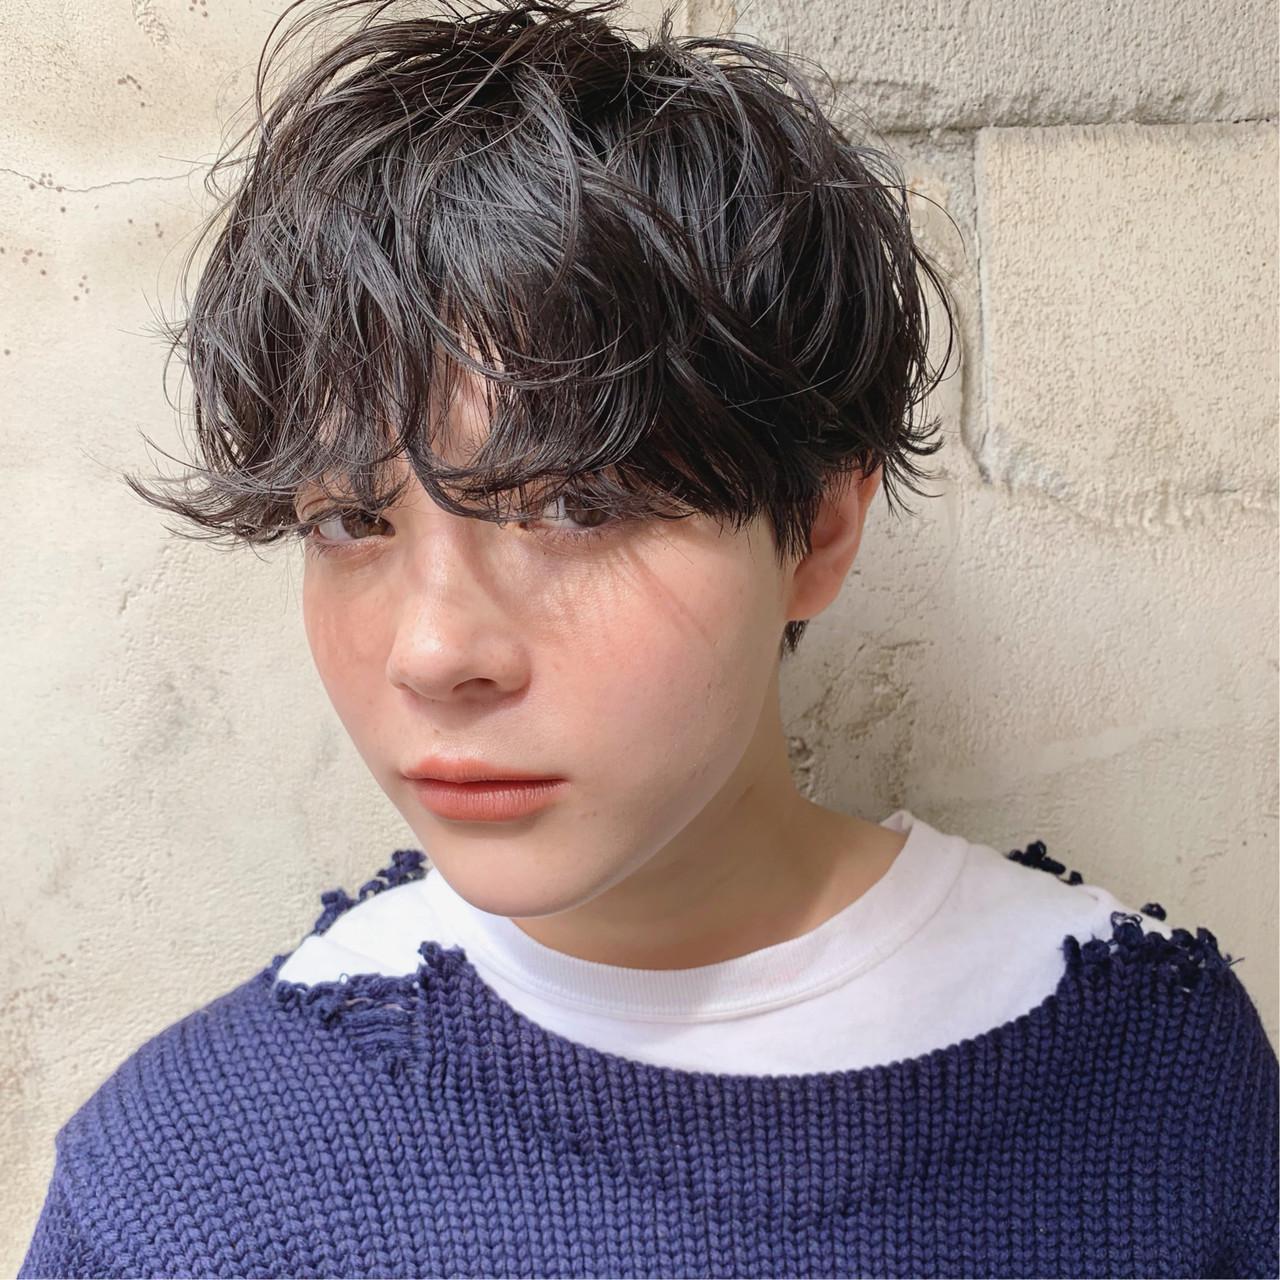 パーマ ゆるふわ アンニュイほつれヘア ストリート ヘアスタイルや髪型の写真・画像